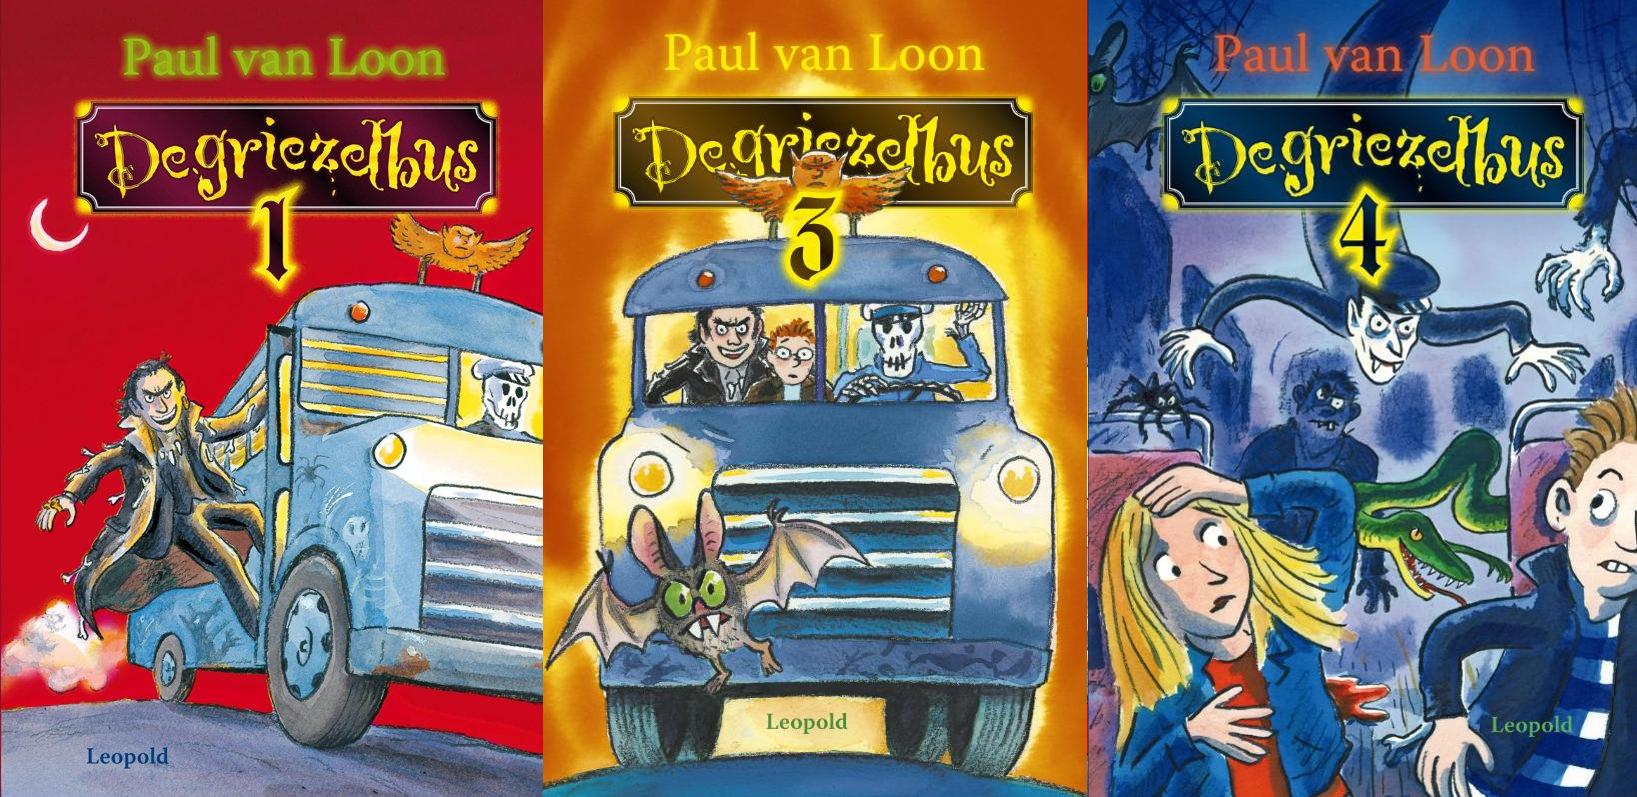 De Griezelbus 1, 3 en 4